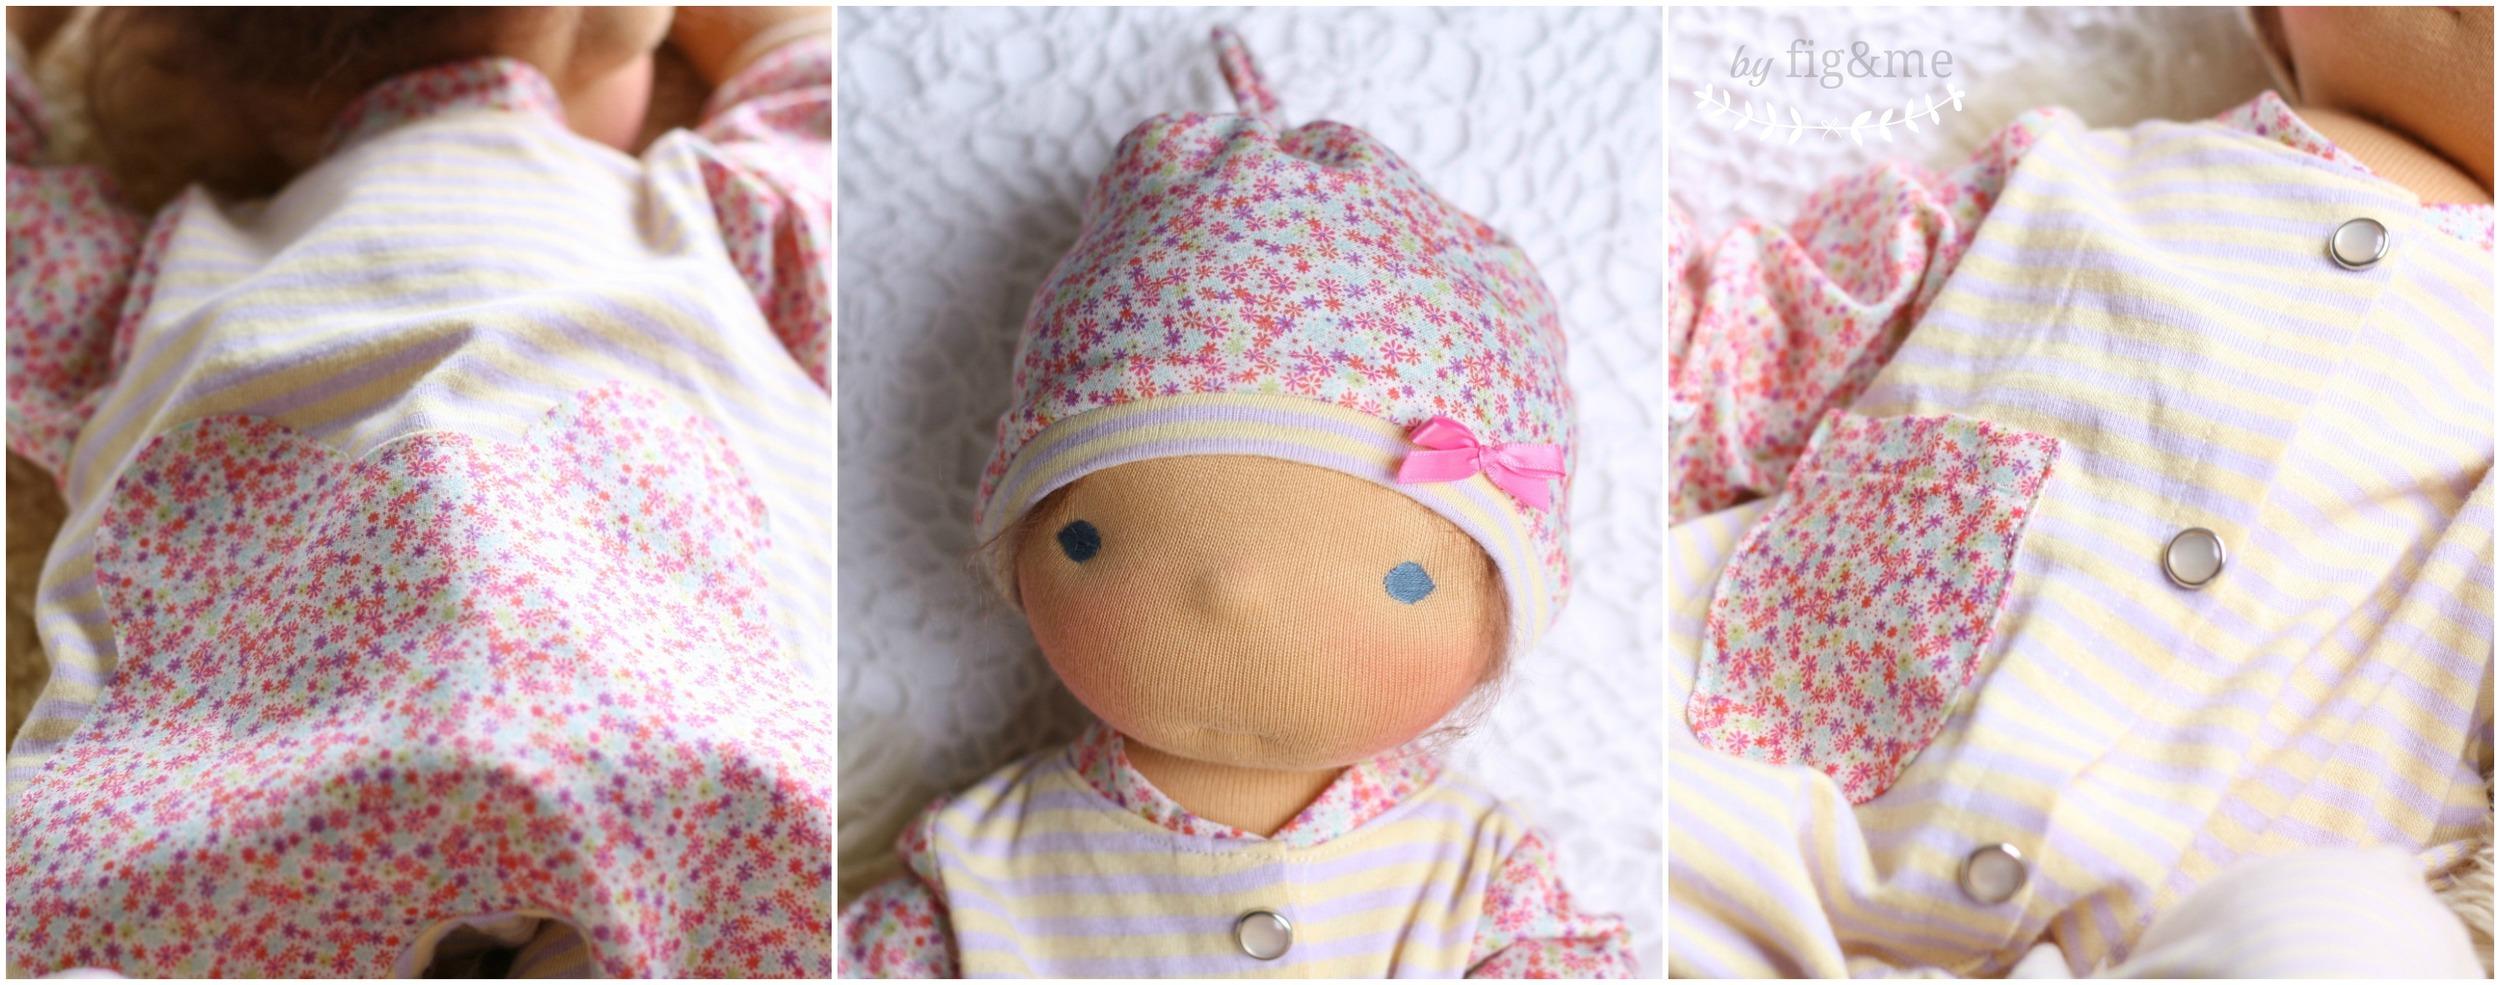 Doll pyajamas made of organic cotton and Liberty print, by Fig and Me.